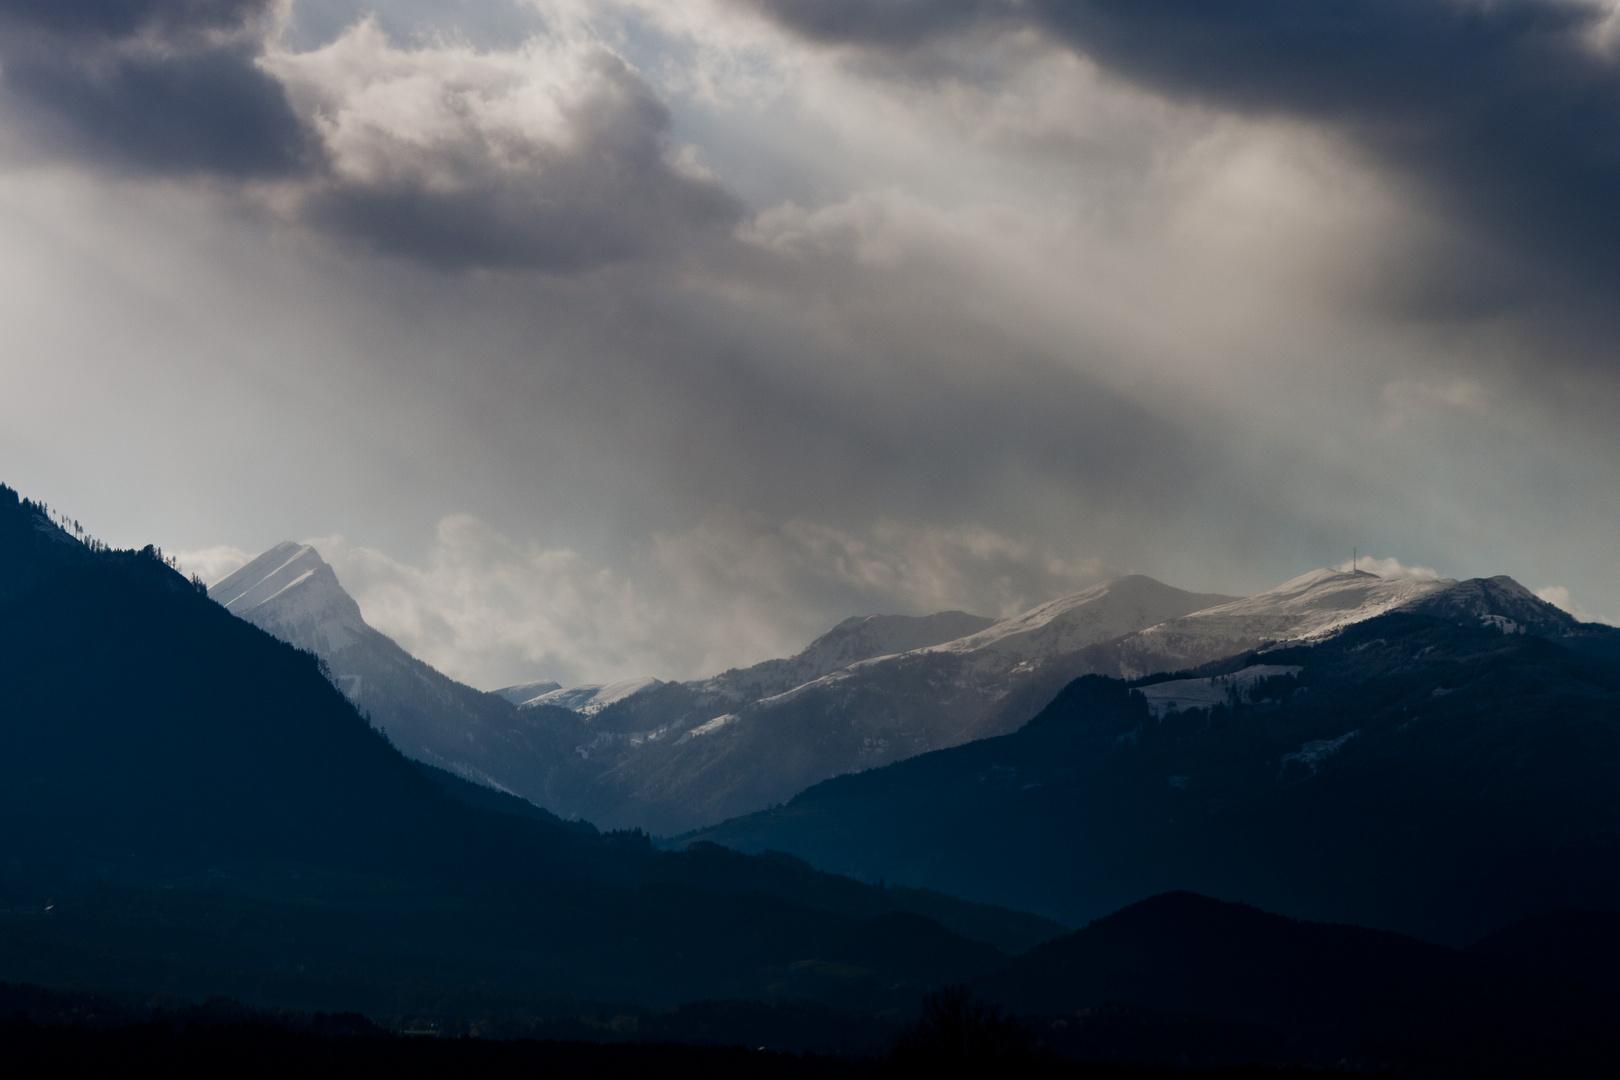 Wolkenereigniss über den Bergen